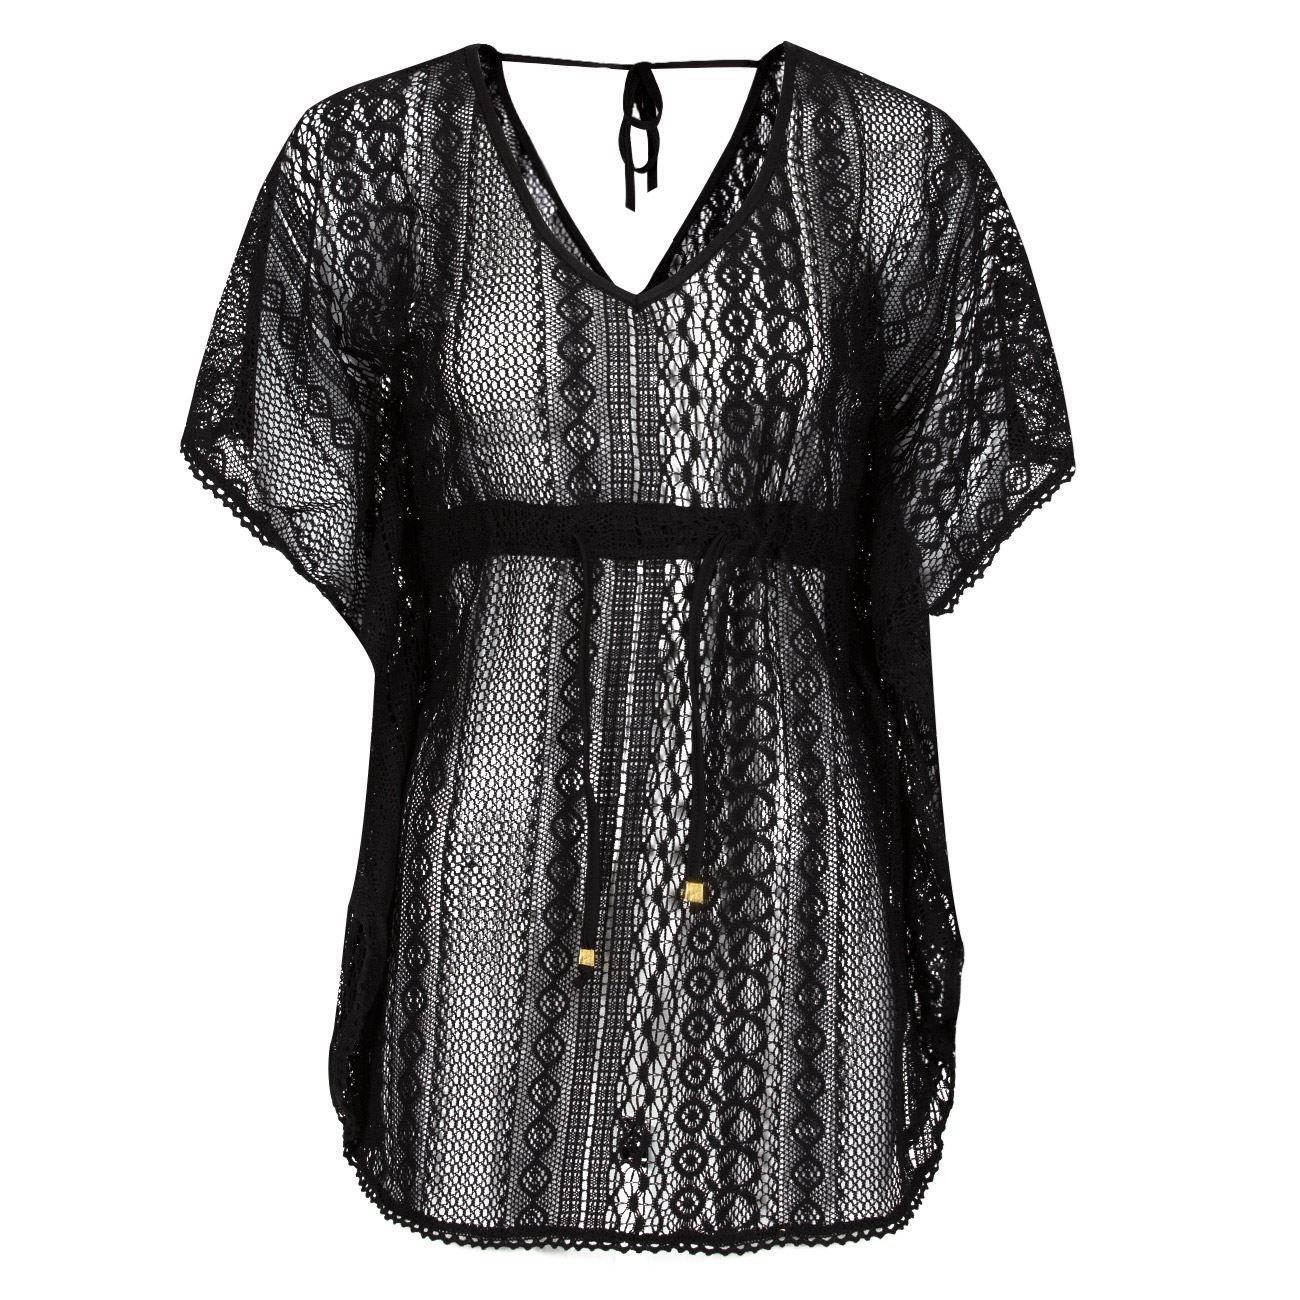 f606e6766101 Φόρεμα Παραλίας Μαύρο Δαντέλα - One Size   Καφτάνια Καλοκαιρινά